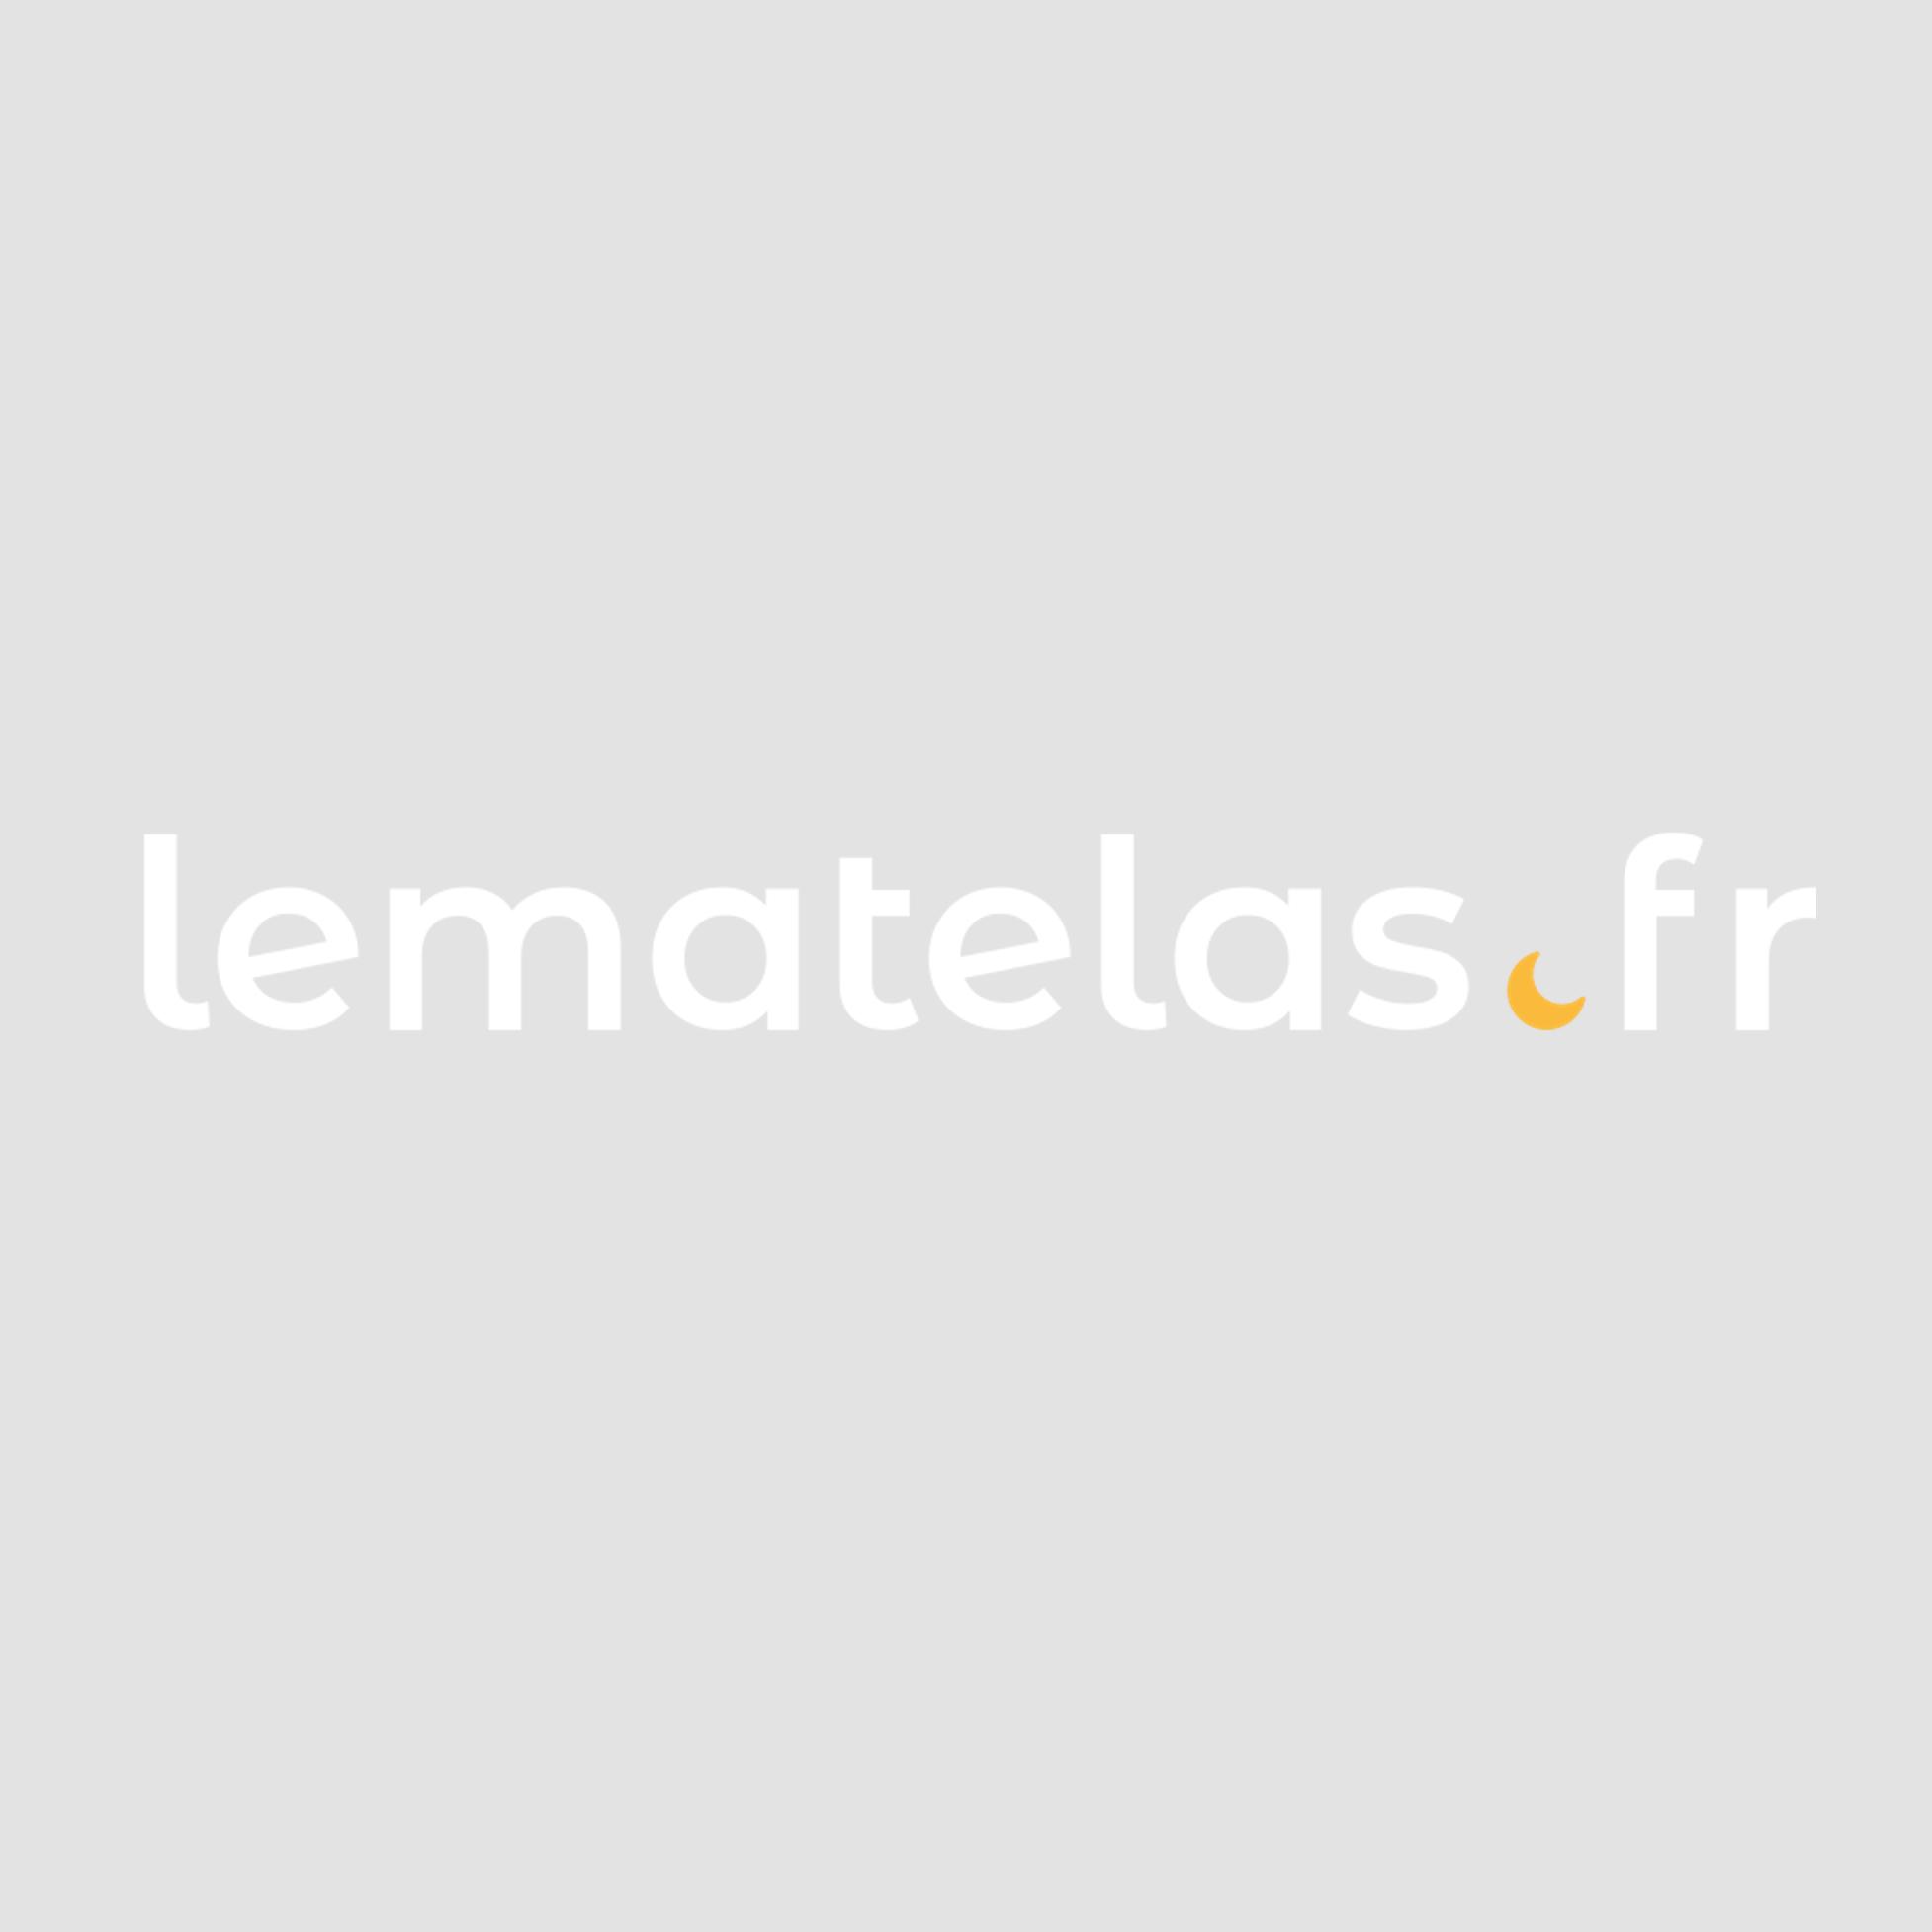 Lit compact en bois imitation chêne 140x190 - LT9008